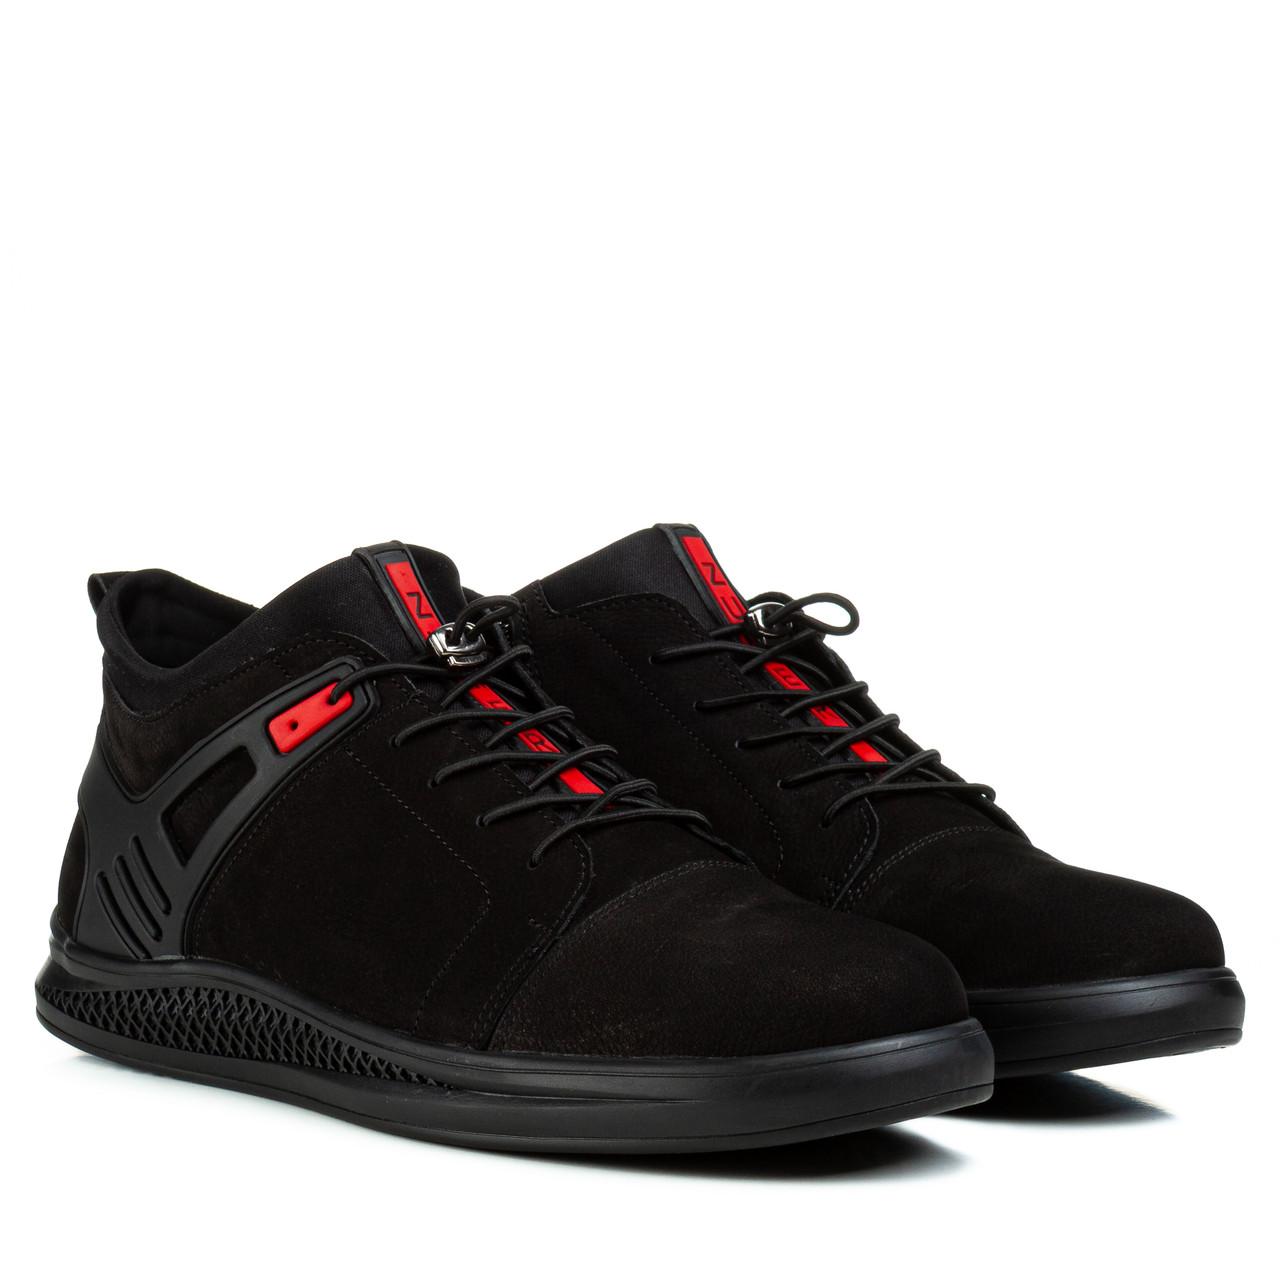 Ботинки мужские ZUMMER (стильные, натуральные, качественные, удобные)